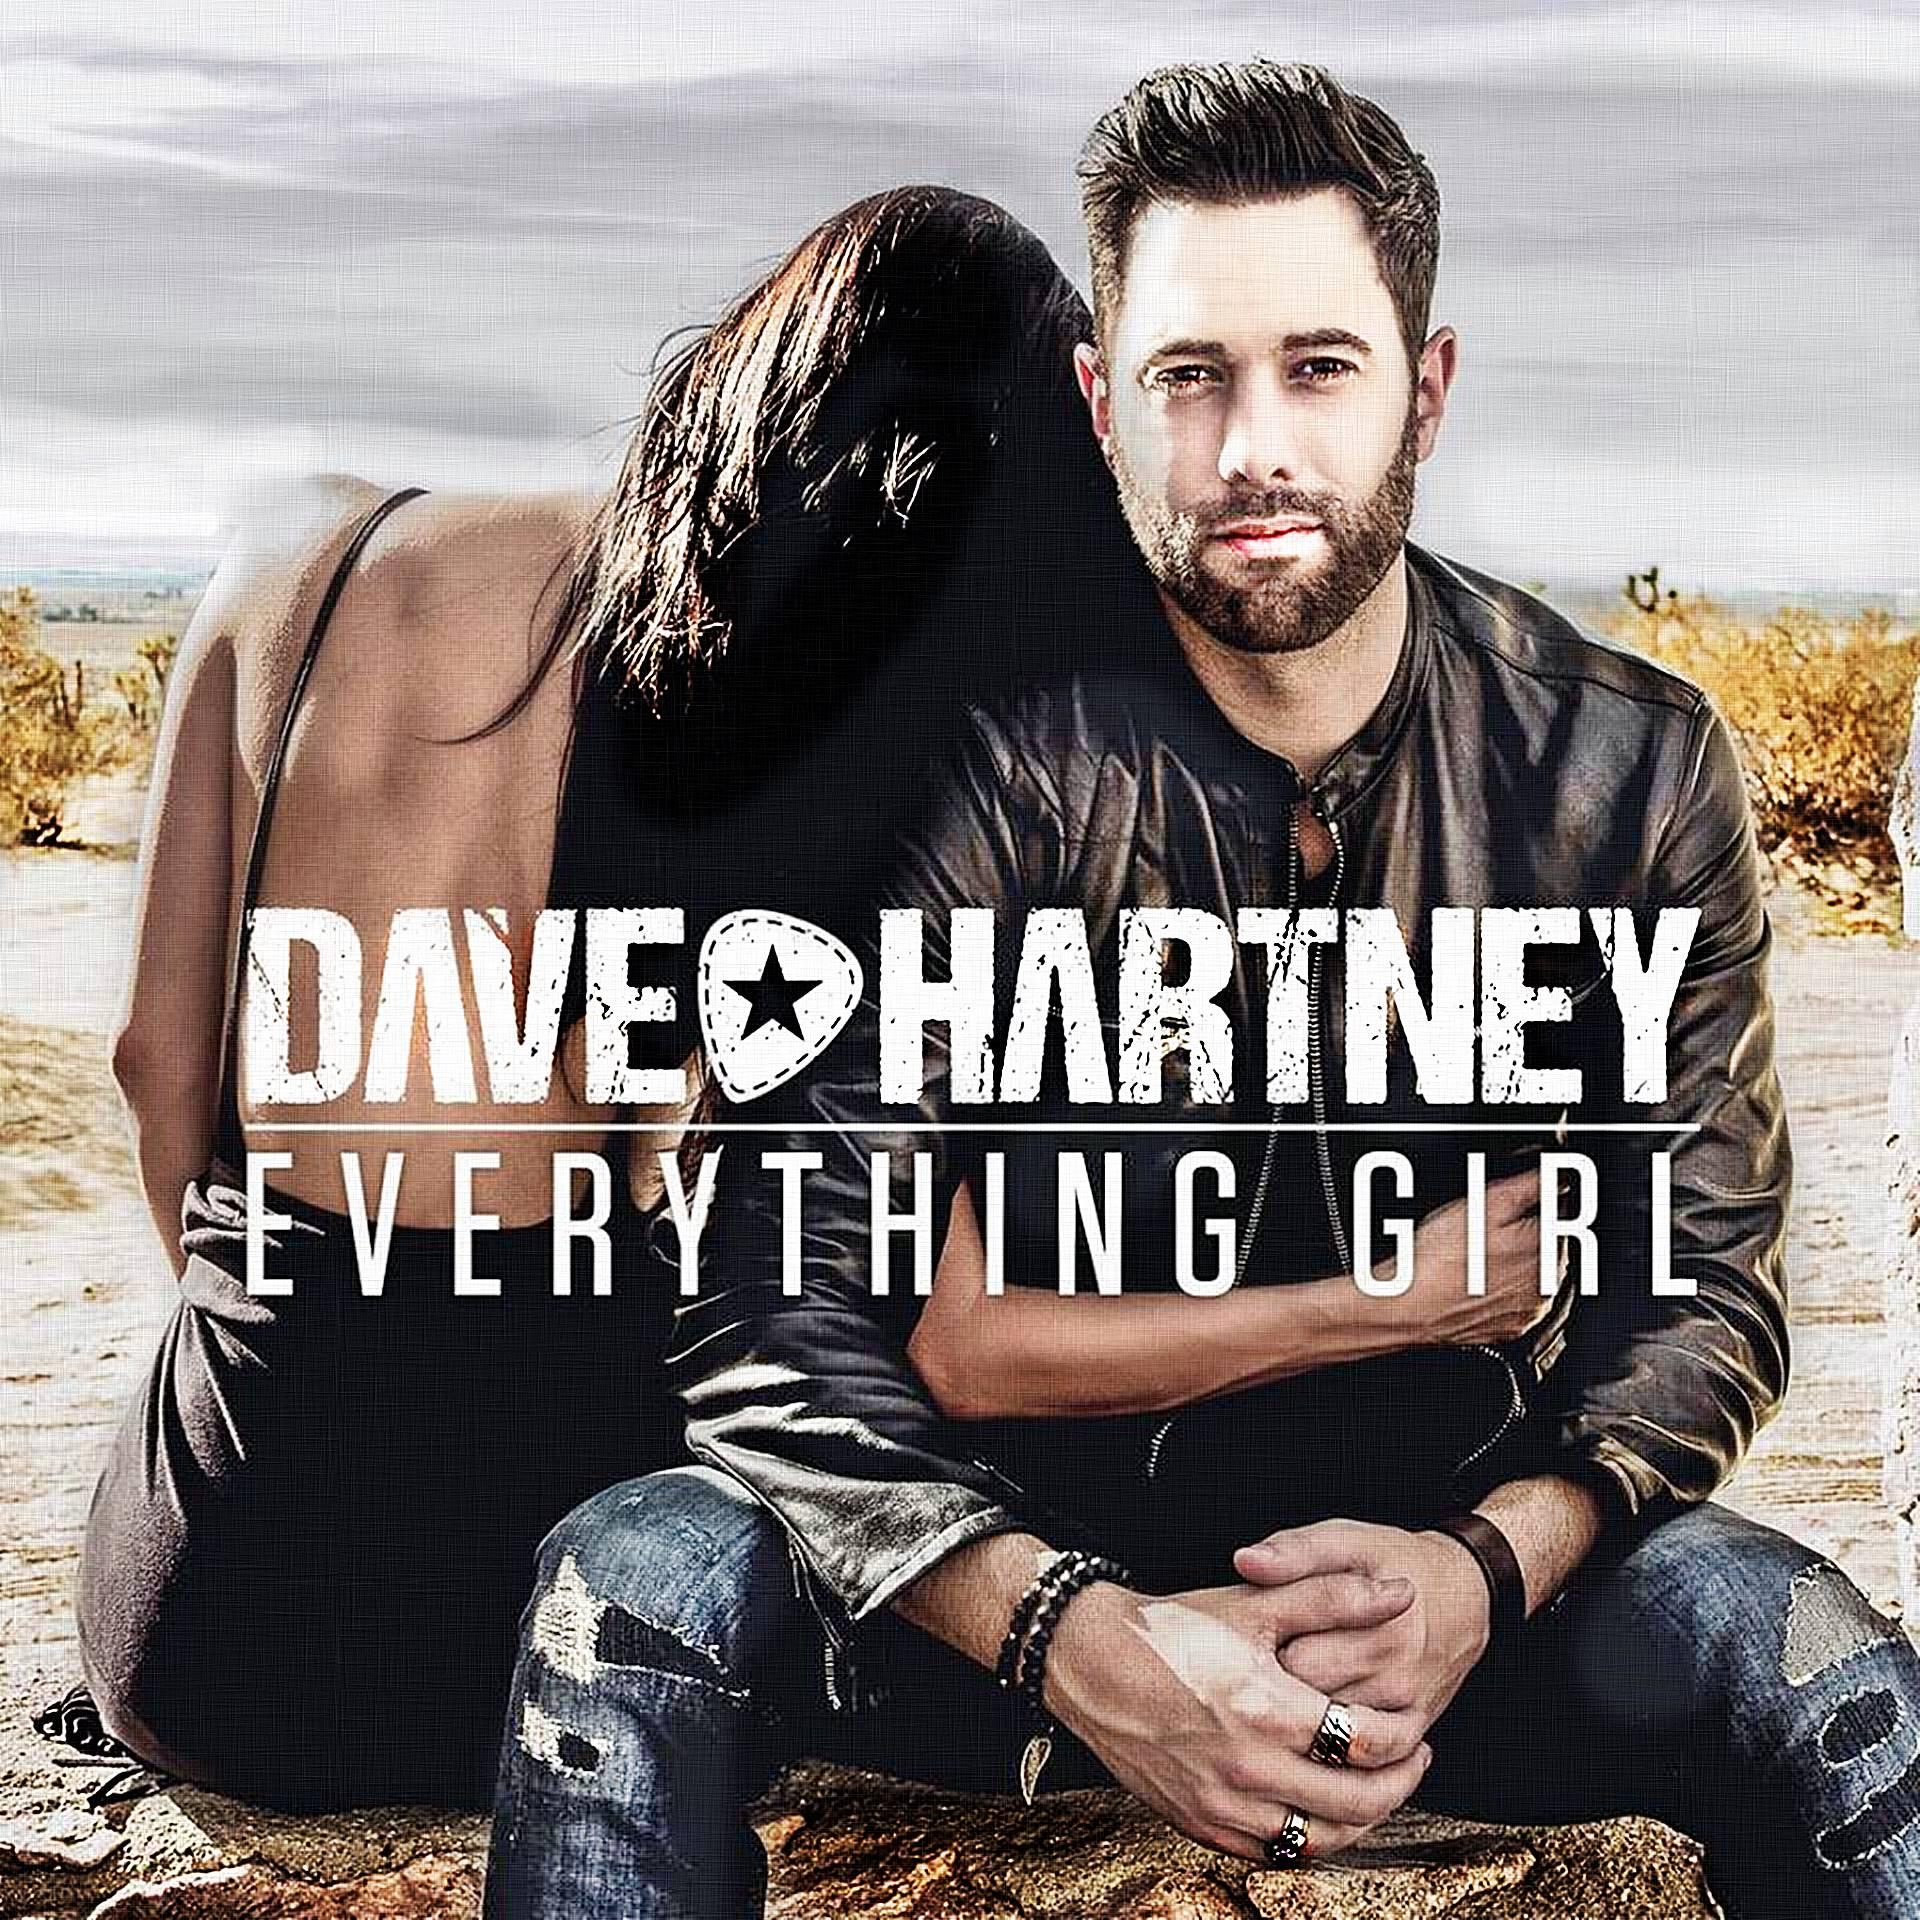 Dave Hartney